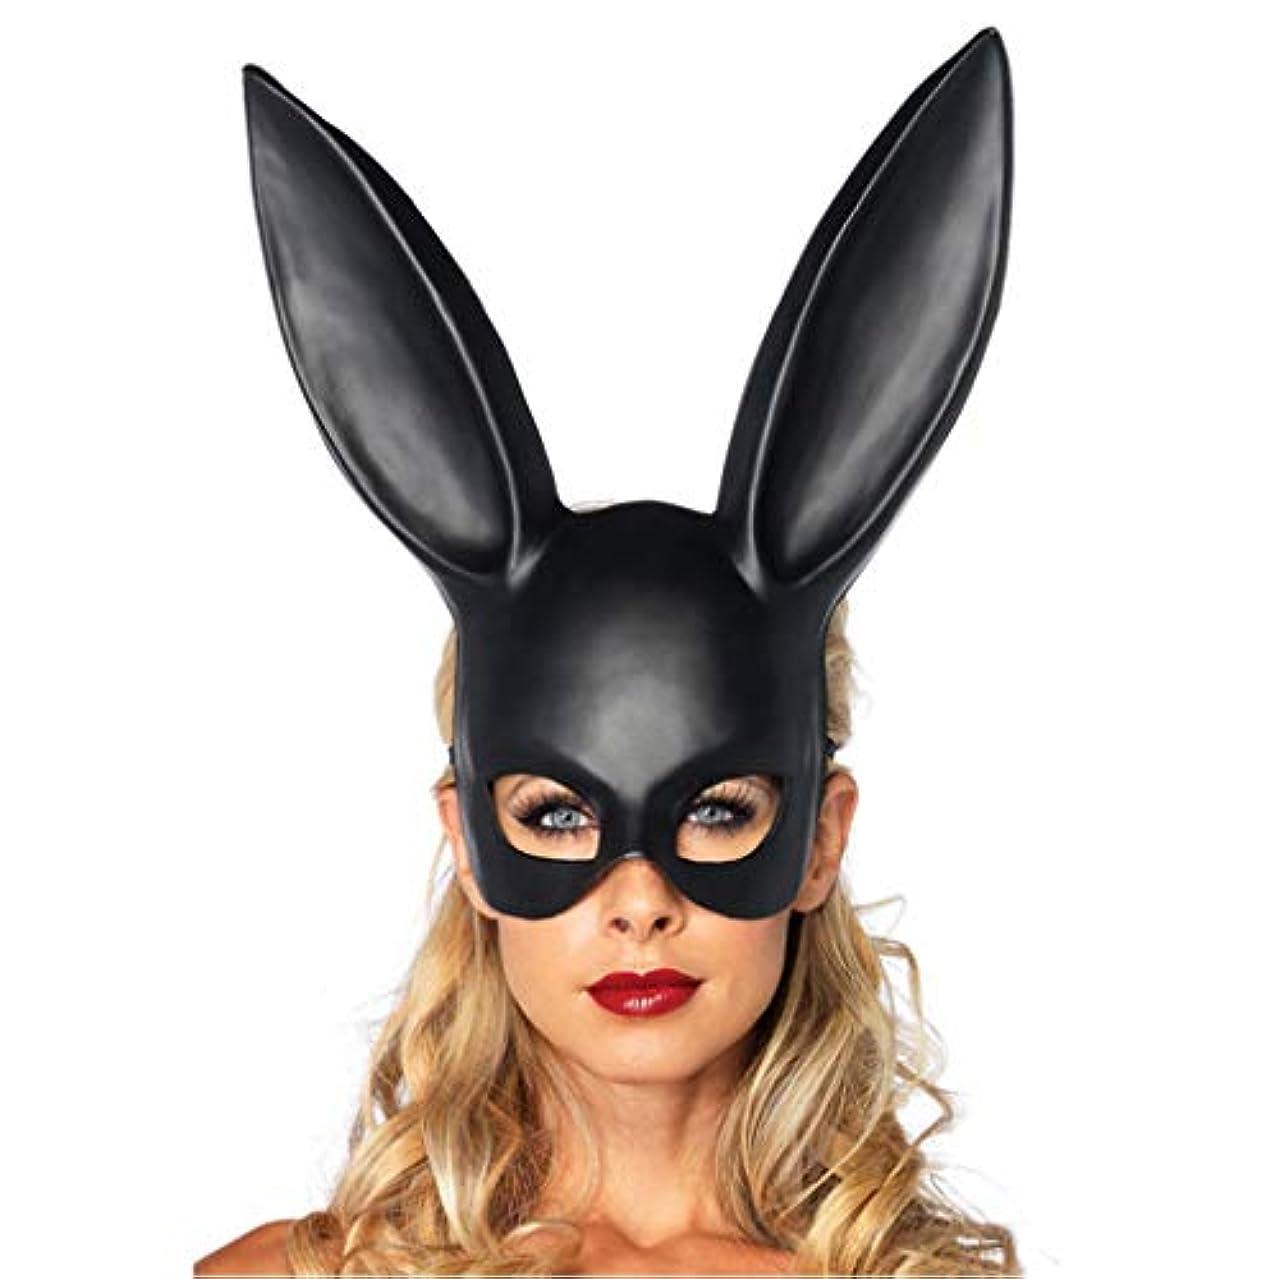 ヒール彼女は選ぶハロウィンうさぎ耳仮面舞踏会ボールパーティーコスプレコスチュームパーティー (Color : MATT BLACK)